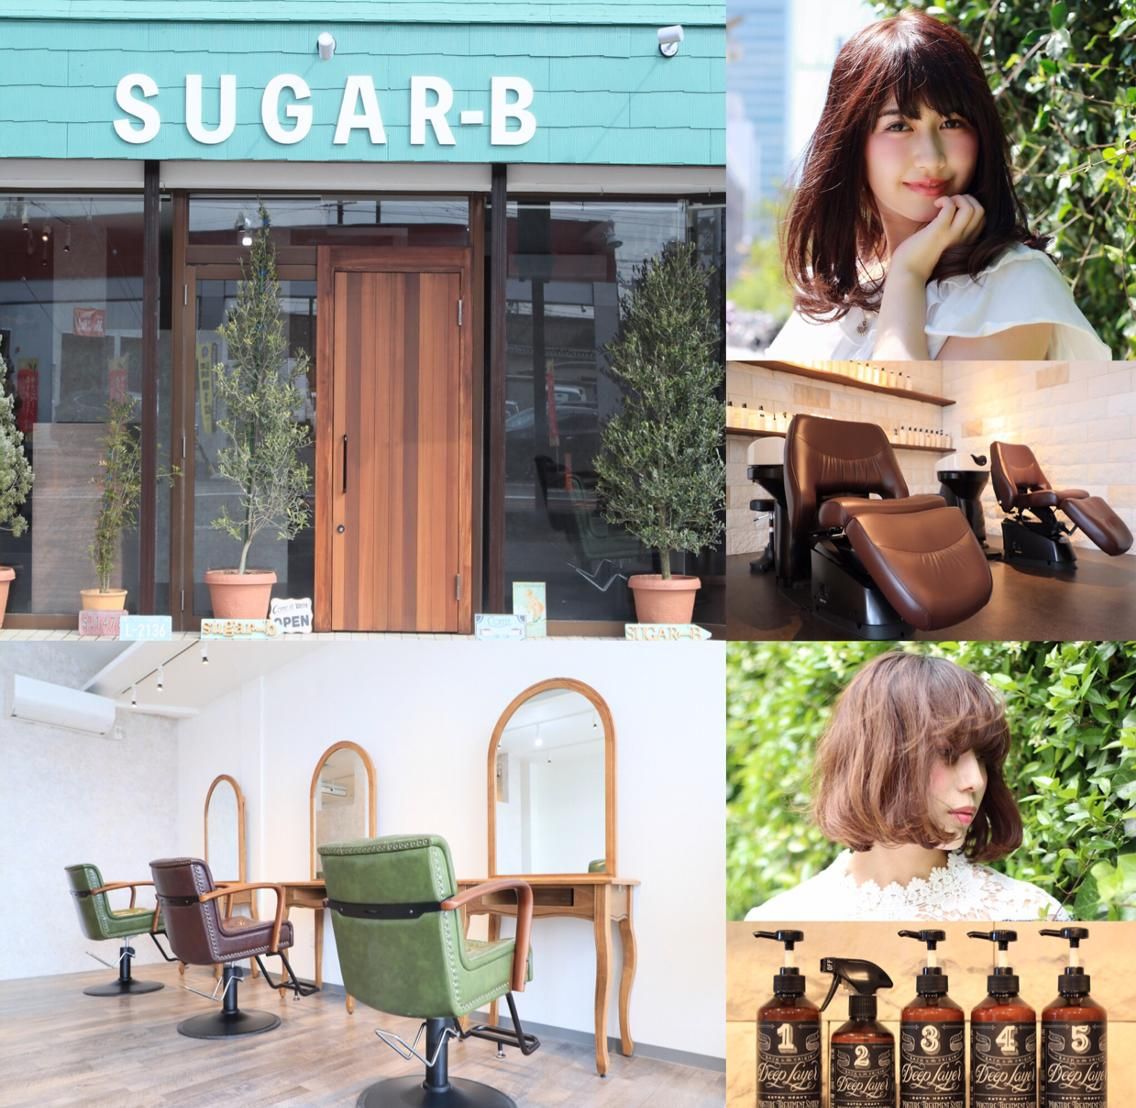 【新宿 sugar-B 】新宿駅 10:00〜23:00 当日予約OK。ミニモ 限定学生クーポン 限定クーポンあります。マンツーマンでカウンセリングからスタイリングまで担当します。